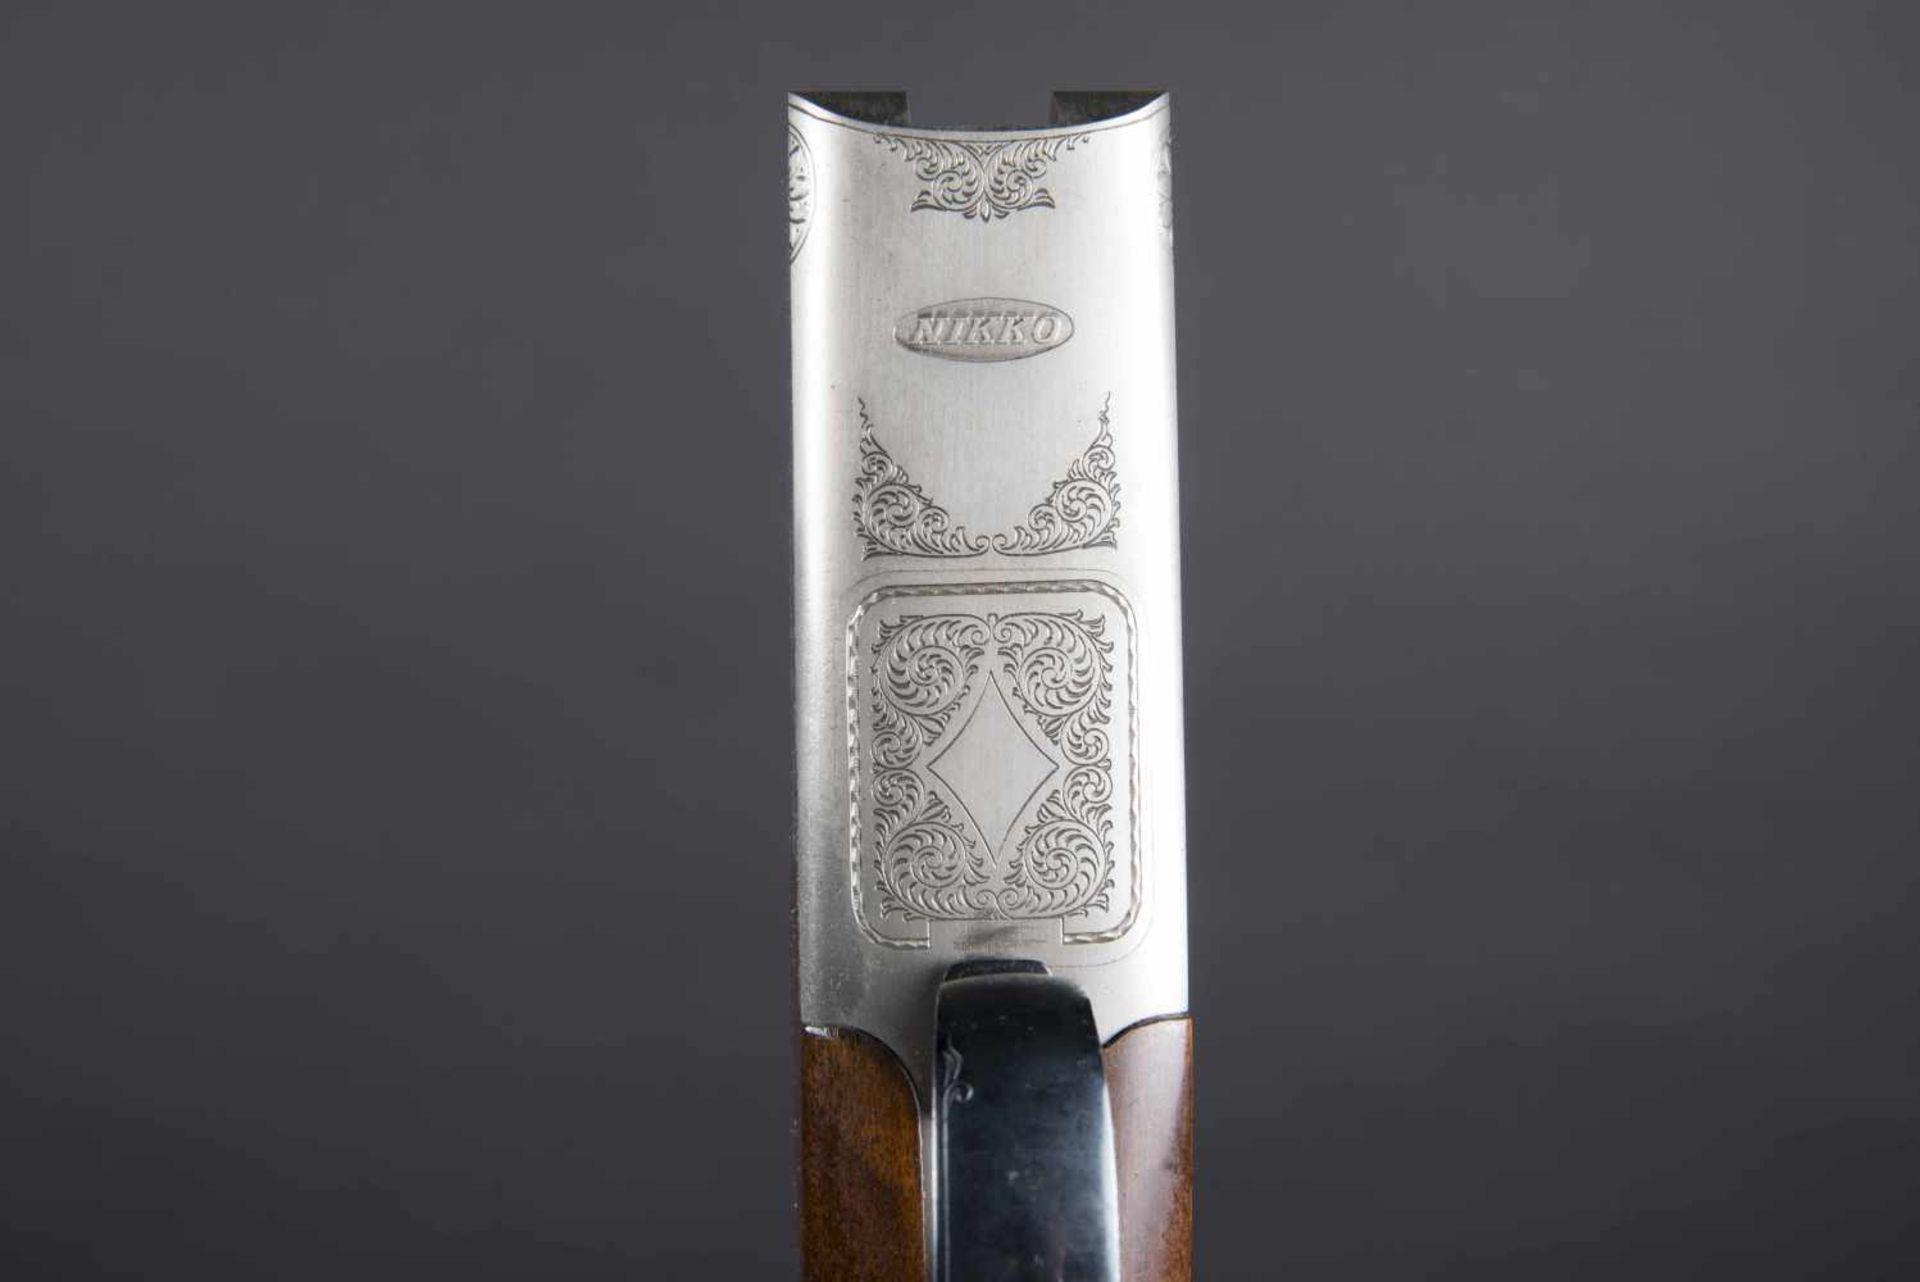 Fusil juxtaposé Nikko 5000 Catégorie C Calibre 12, numéro K63518. Carton non au modèle de l'arme. - Bild 3 aus 3